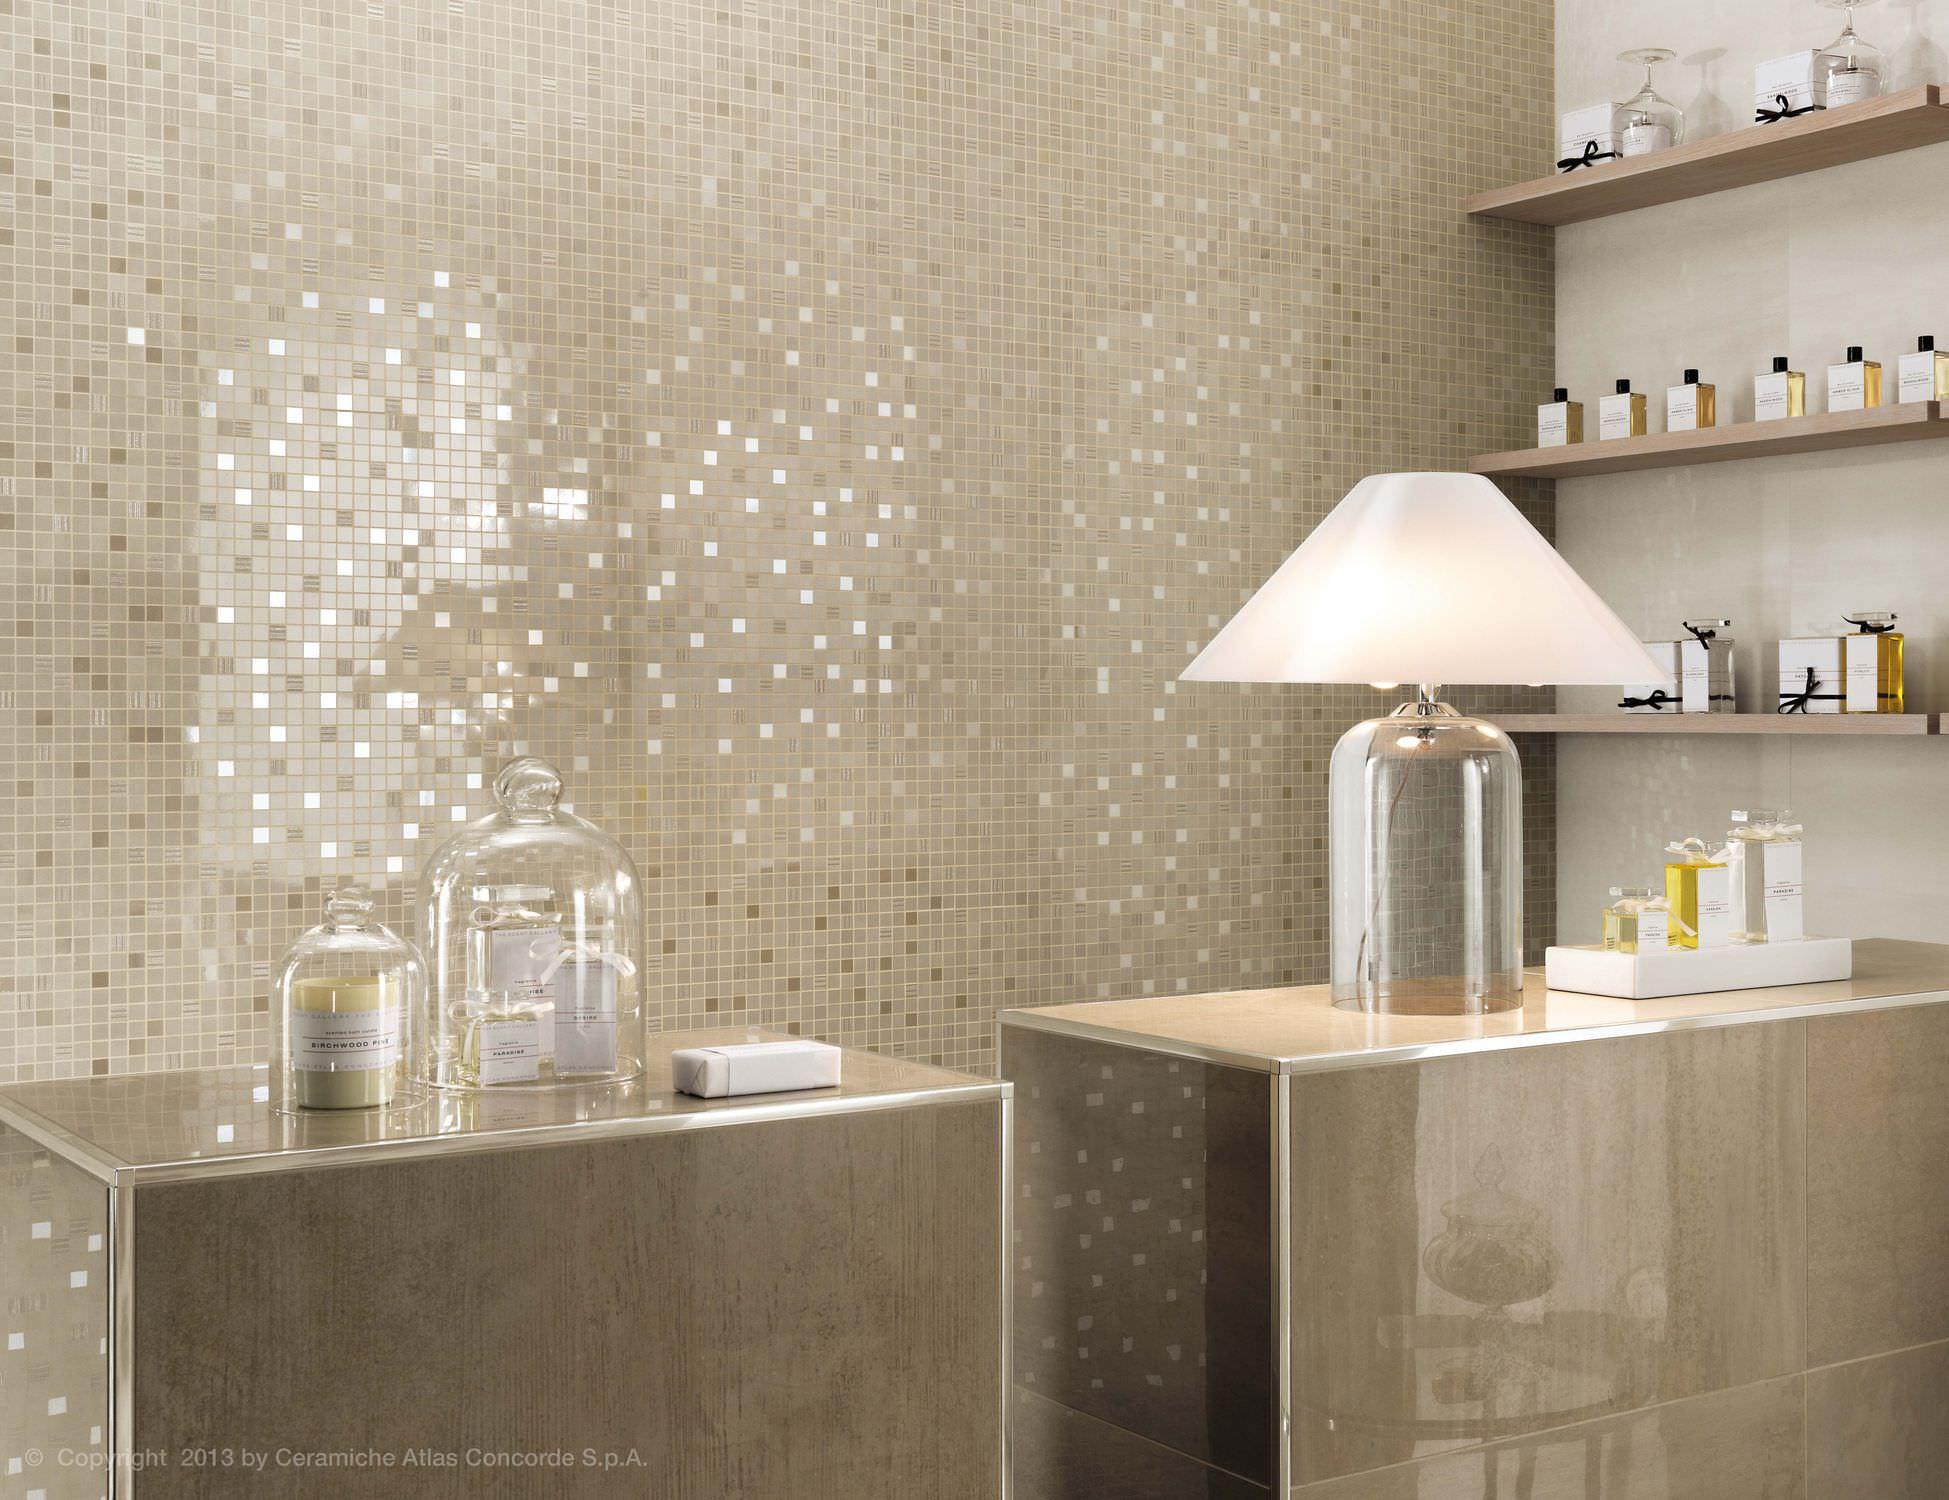 Salle De Bain Mosaique Beige Salle De Bain Beige Et Taupe - Salle de bain mosaique beige